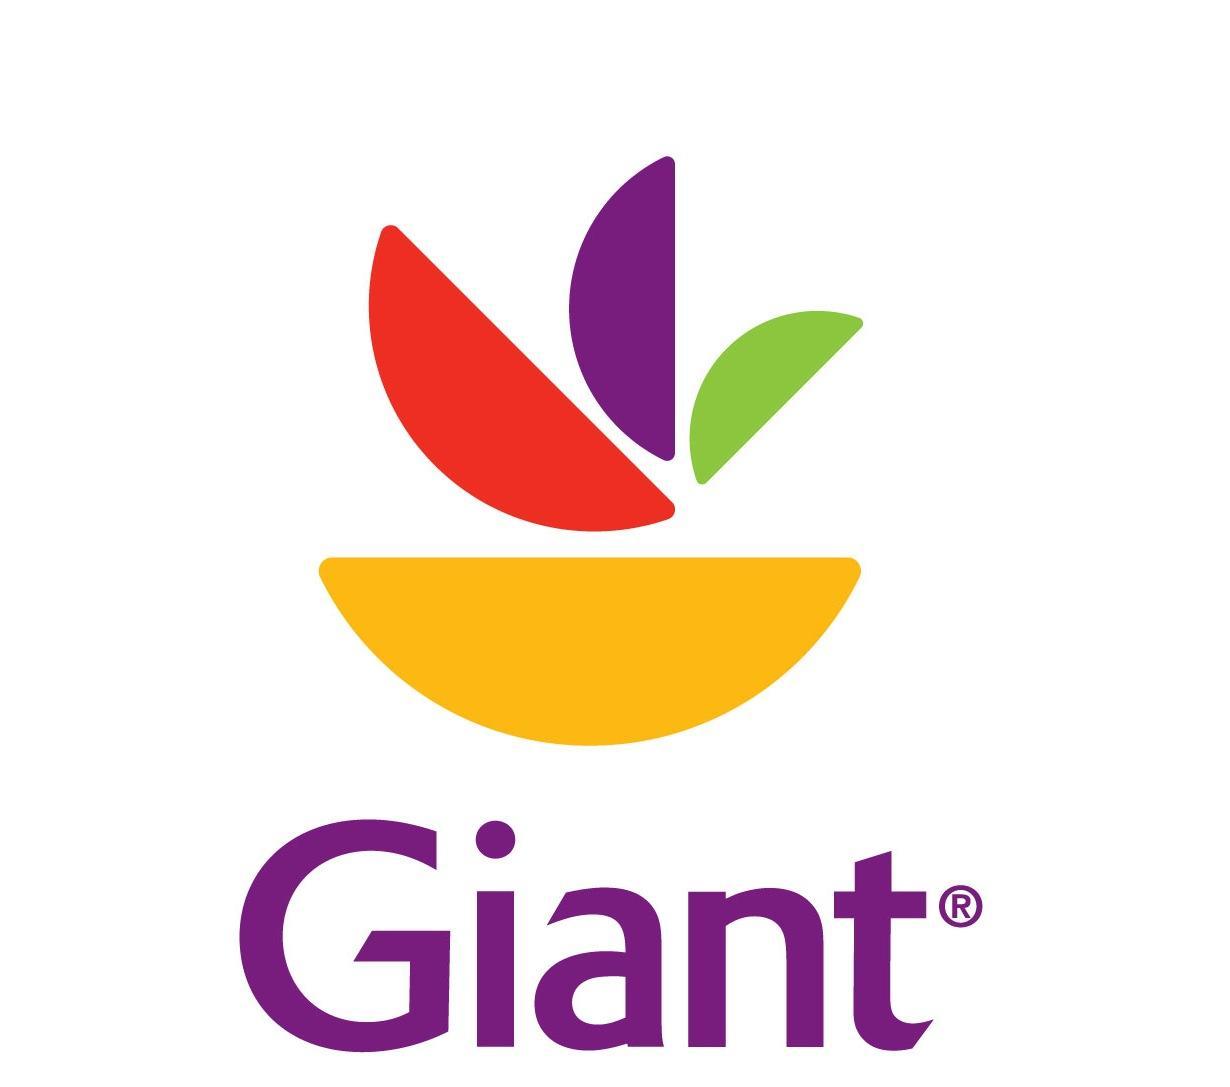 logo_giant2.jpg